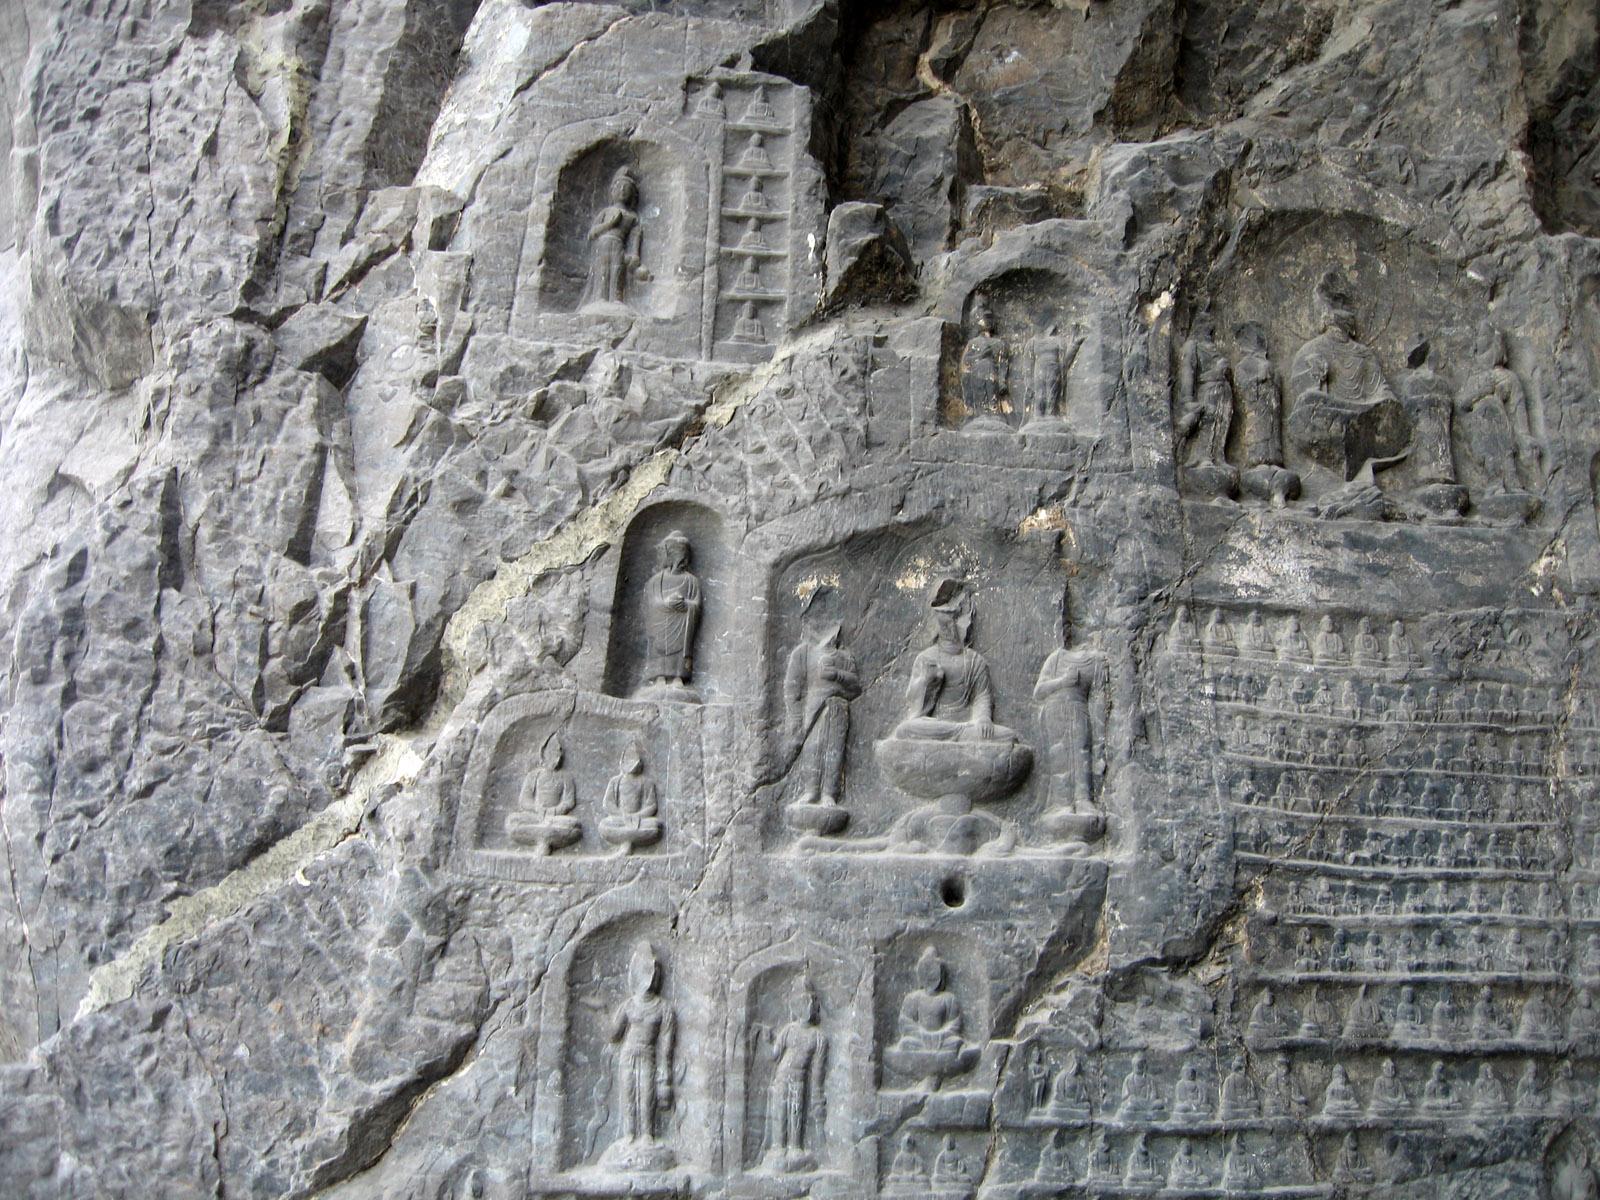 龍門洞窟の画像 p1_12